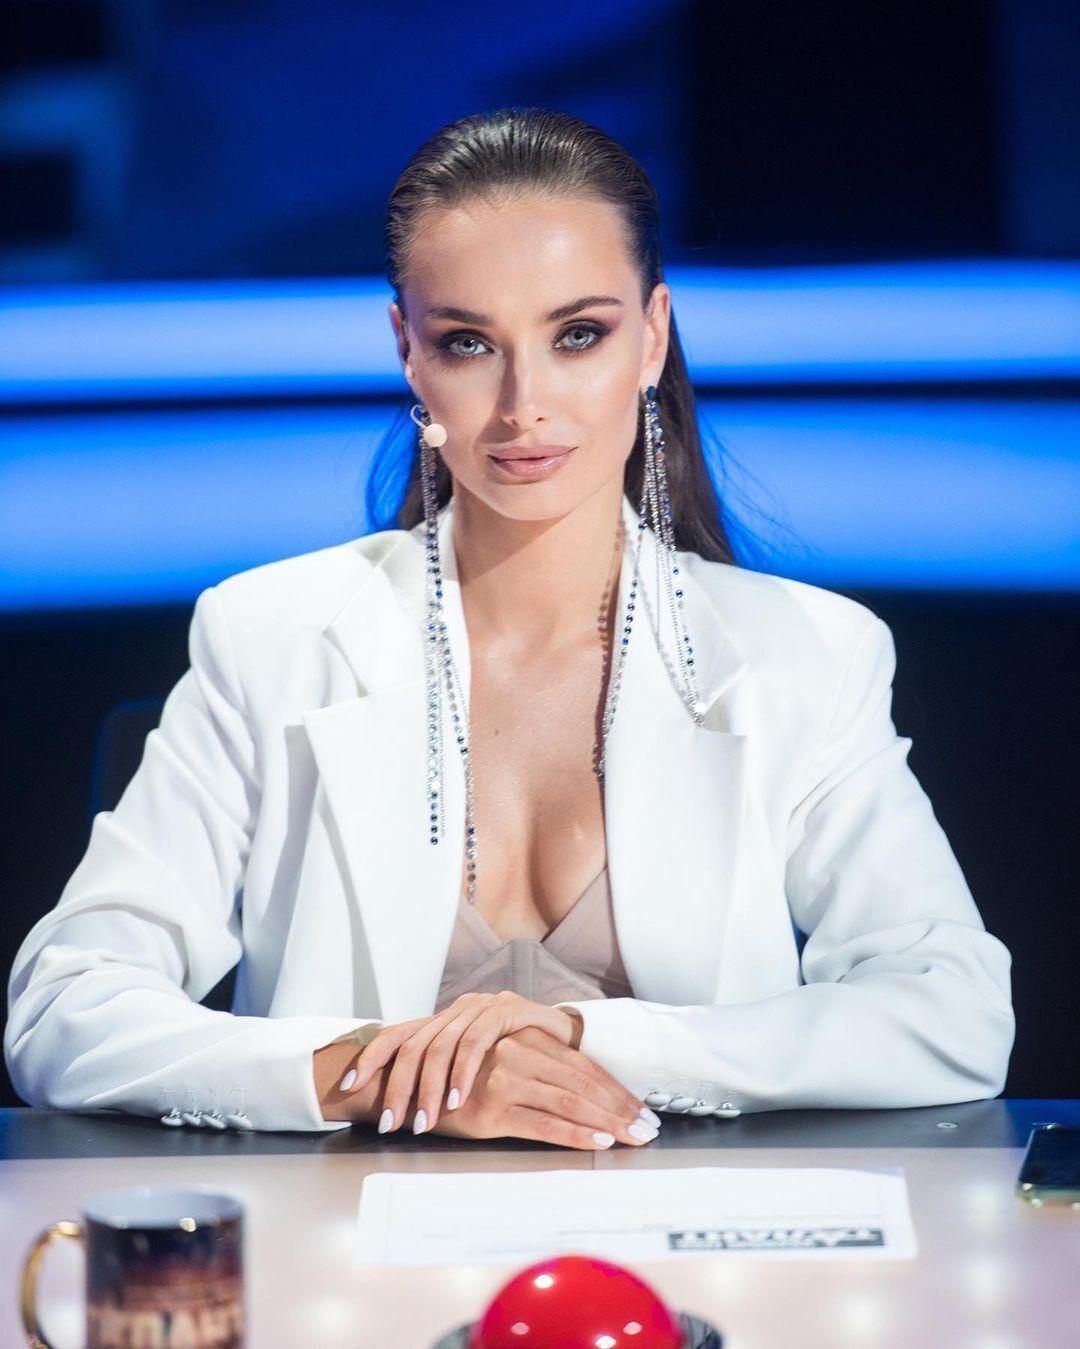 Ксения Мишина рассказала о проблемах со здоровьем.